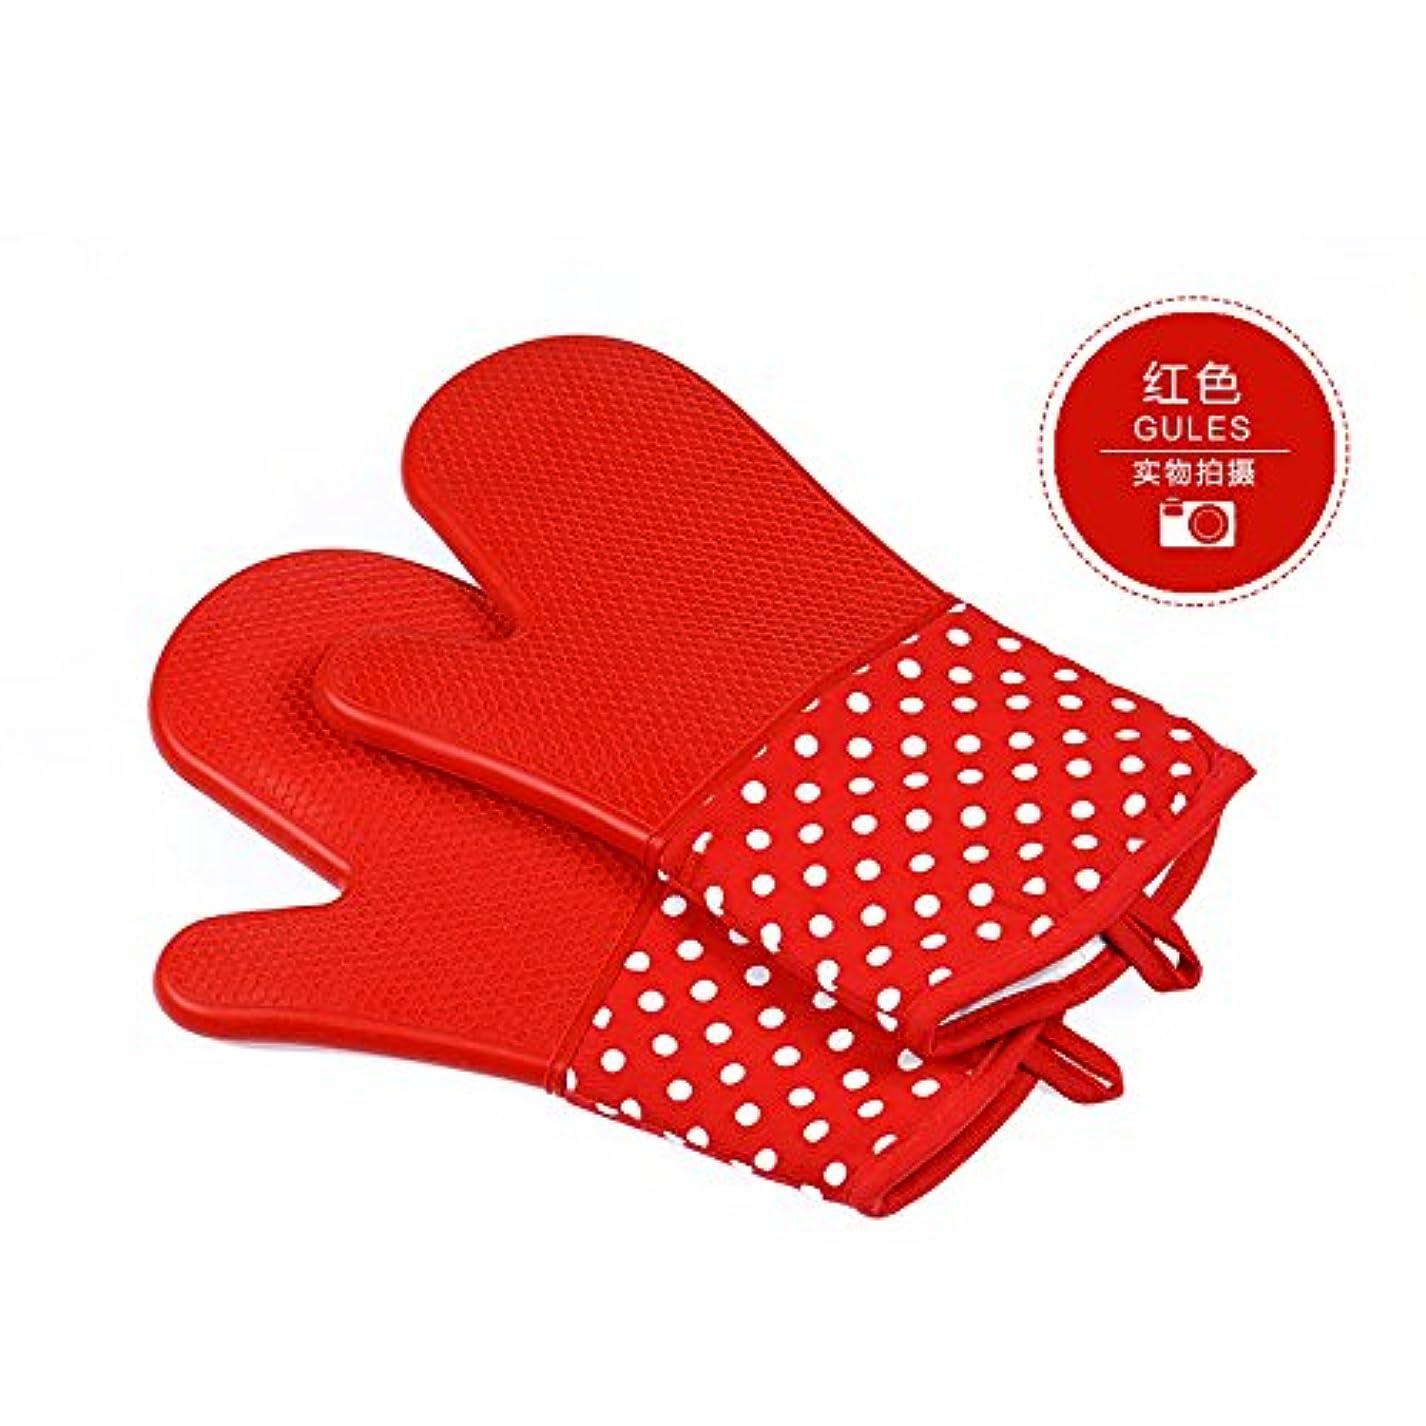 JOOP【2個セット】【シリコンベーキング手袋】【バーベキュー手袋】【キッチン電子レンジの手袋】【オーブン断熱手袋】【300の加熱温度極値】【7色】 (レッド)